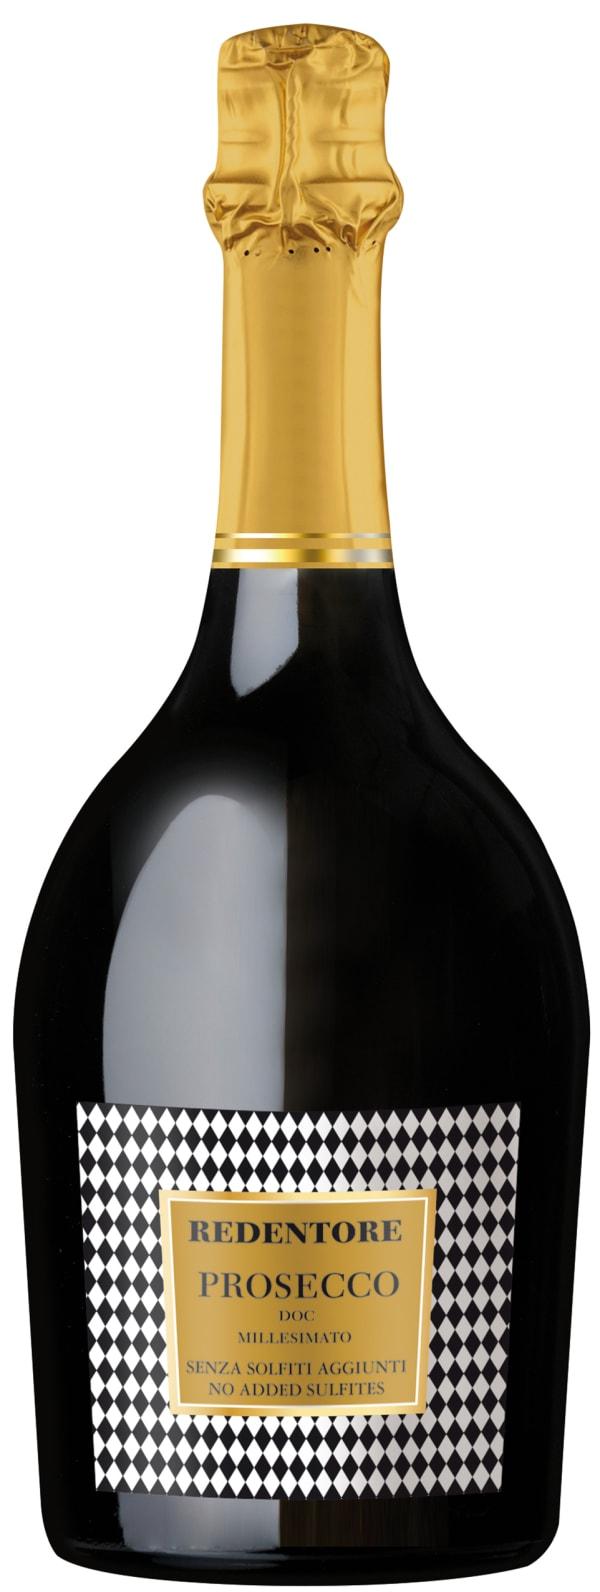 Redentore Grand Cuvée Prosecco Extra Dry 2016